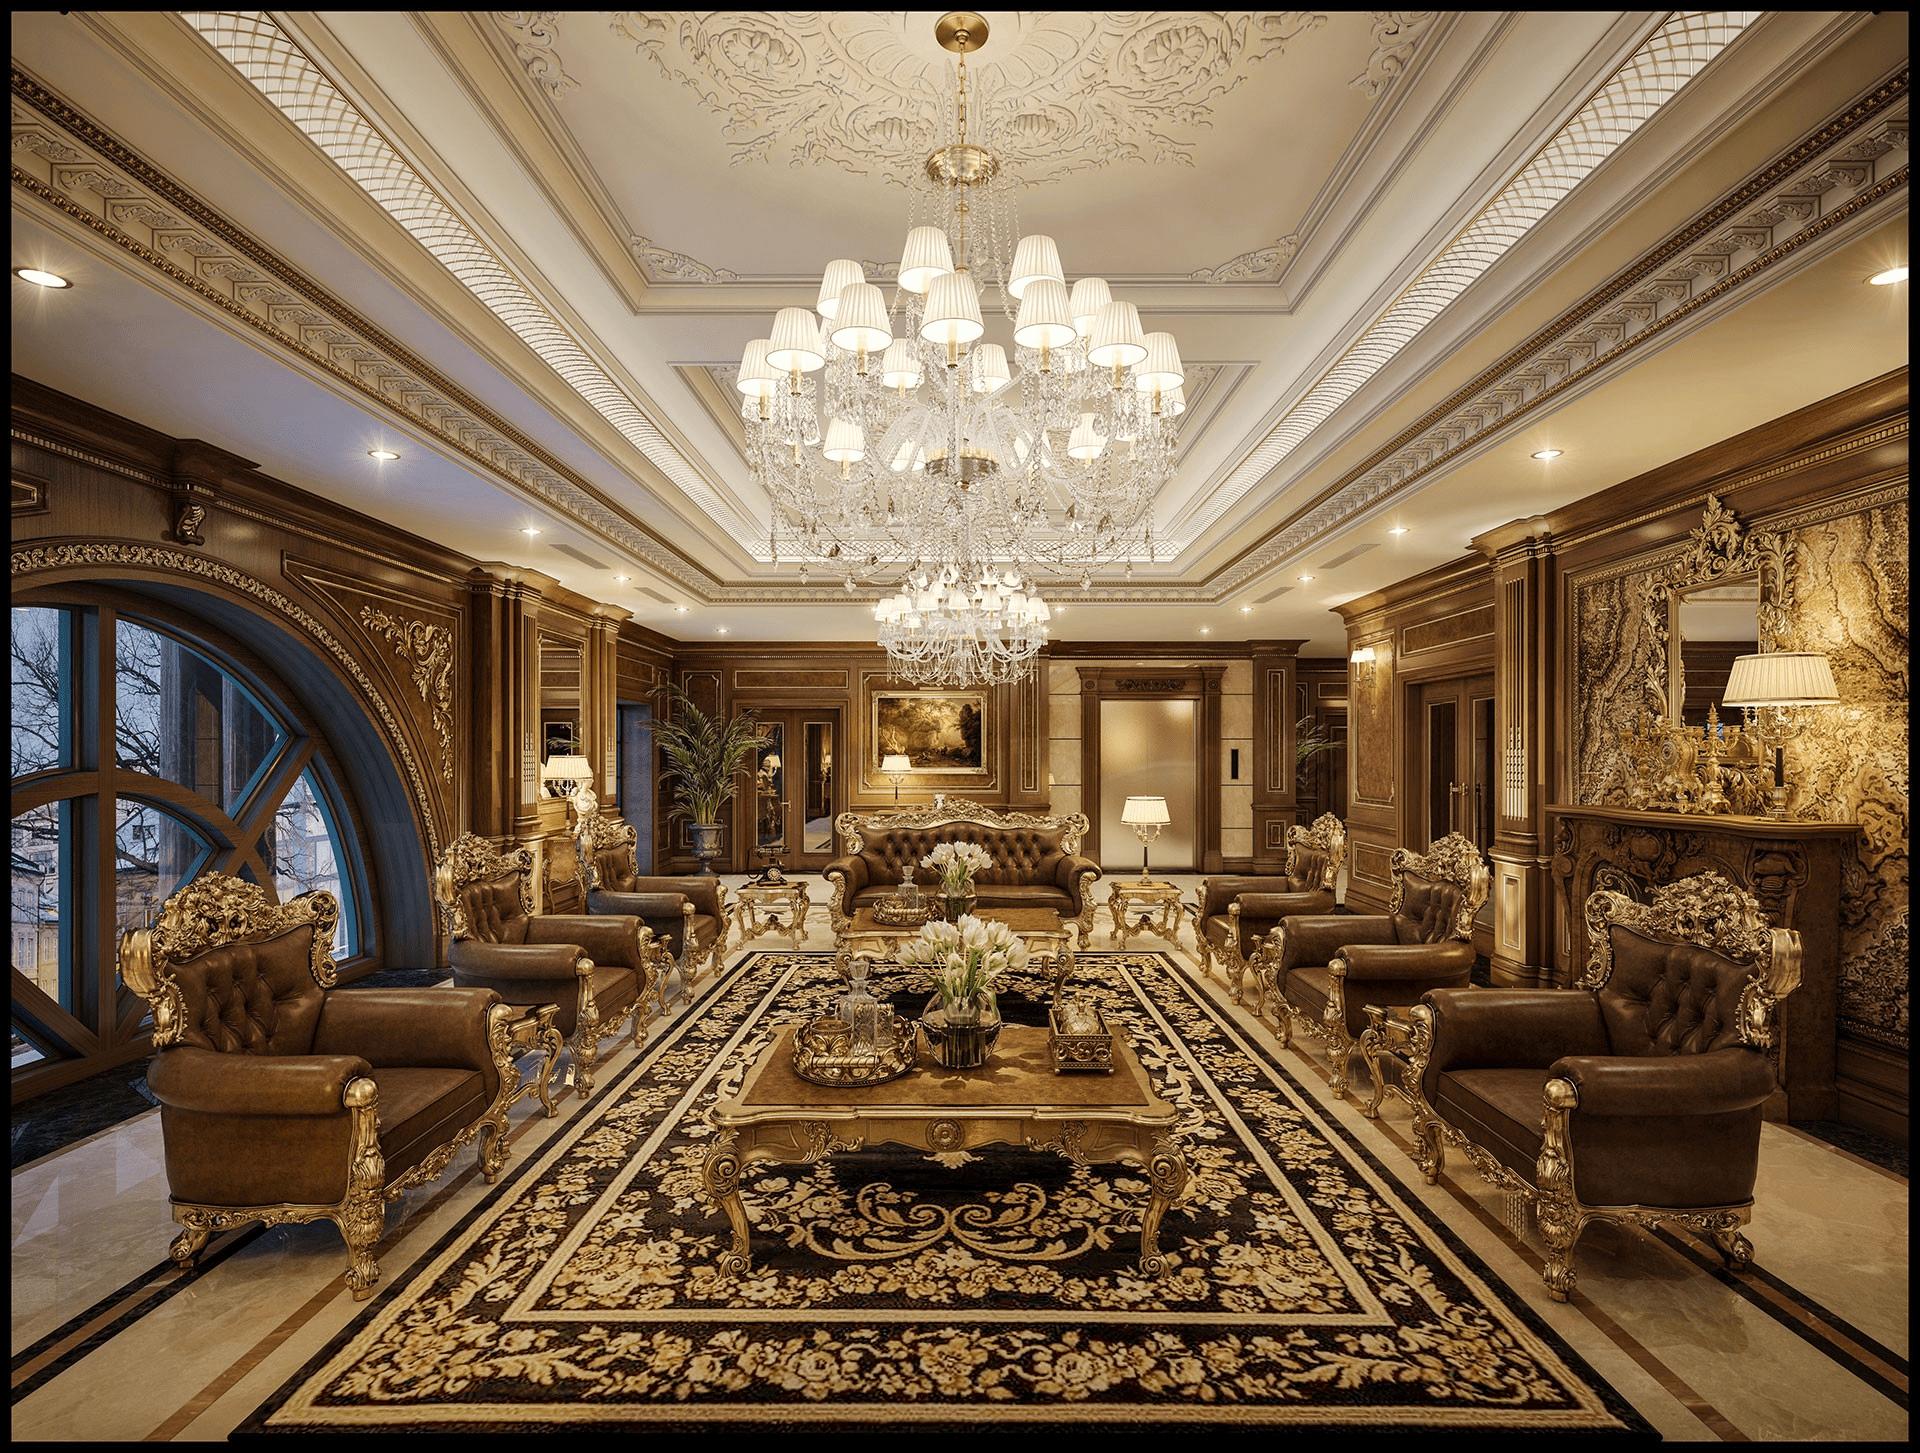 thiết kế nội thất biệt thự cổ điển sang trọng